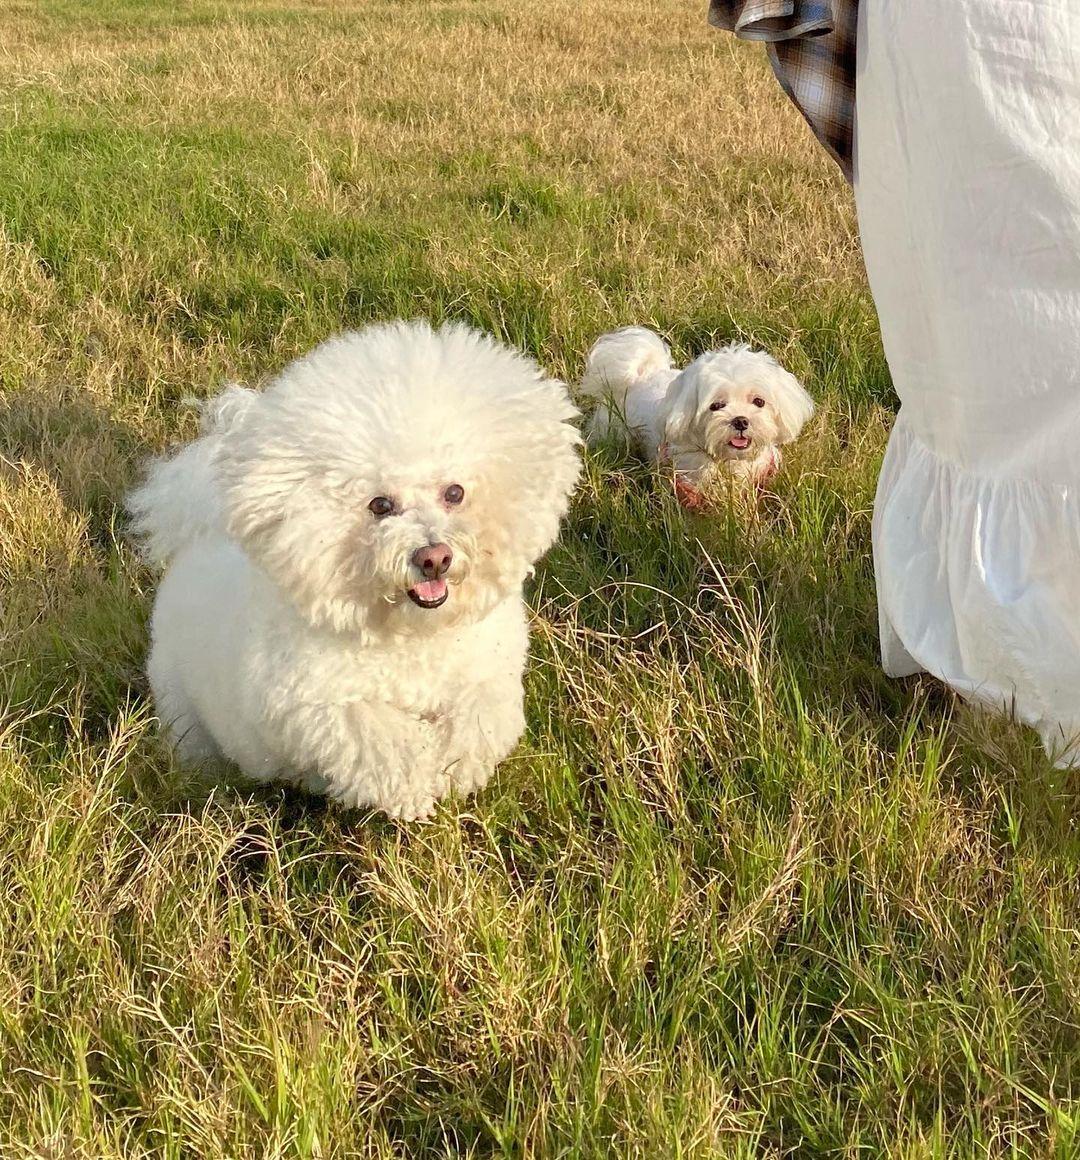 講起陽光與海,唔少主人都想帶寵物一齊放放電,旁邊的草坪就最適合佢地跑黎跑去、呼吸下新鮮空氣啦~(圖片來源:IG@giyaaa_z)